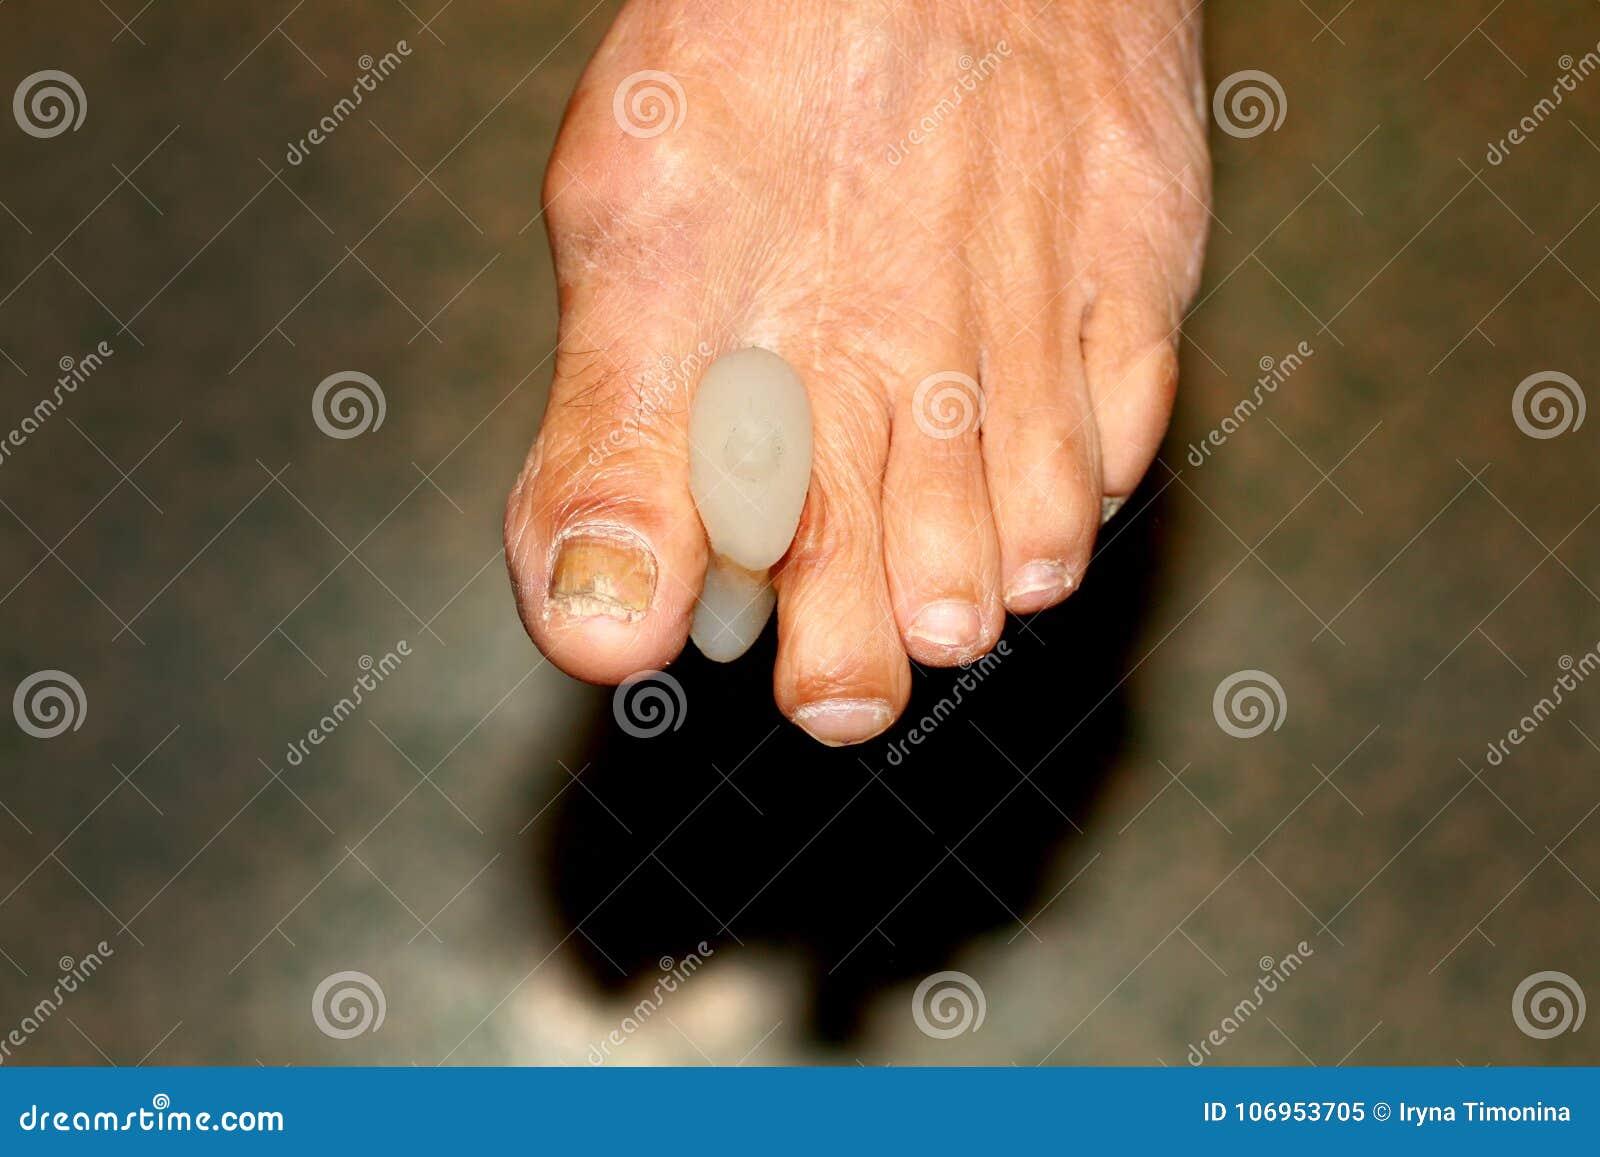 Cojines interdigitales particiones pie Maíz en los dedos del pie Curvatura de fingeres Cojín interdigital del maíz